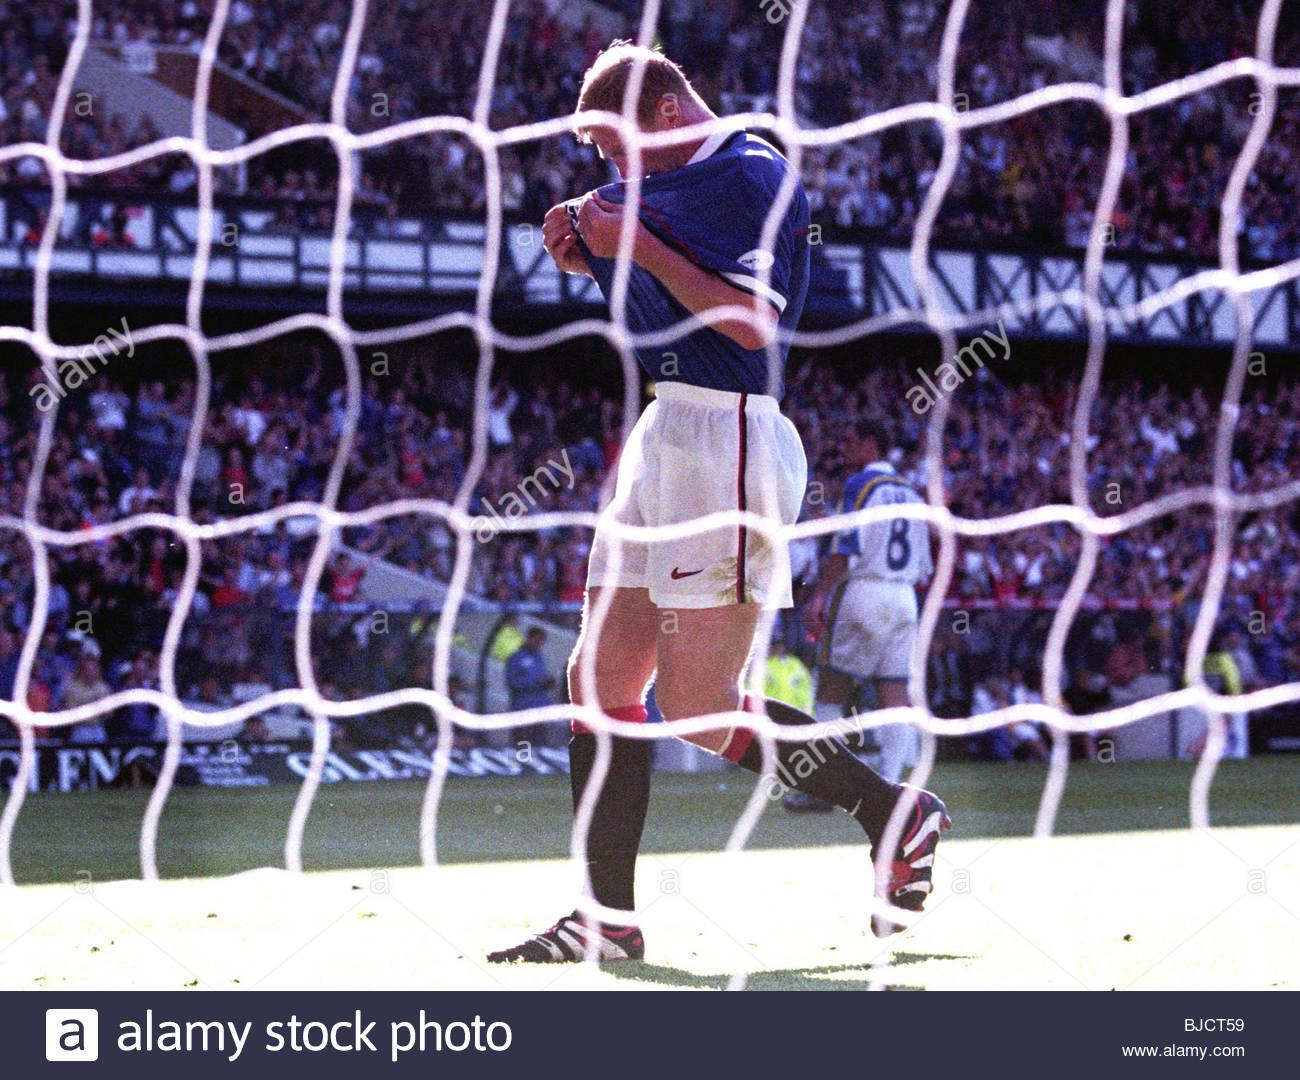 29/08/98 SPL RANGERS v ST JOHNSTONE (4-0) IBROX - GLASGOW Rangers' Jorg Albertz kisses the club badge after - Stock Image